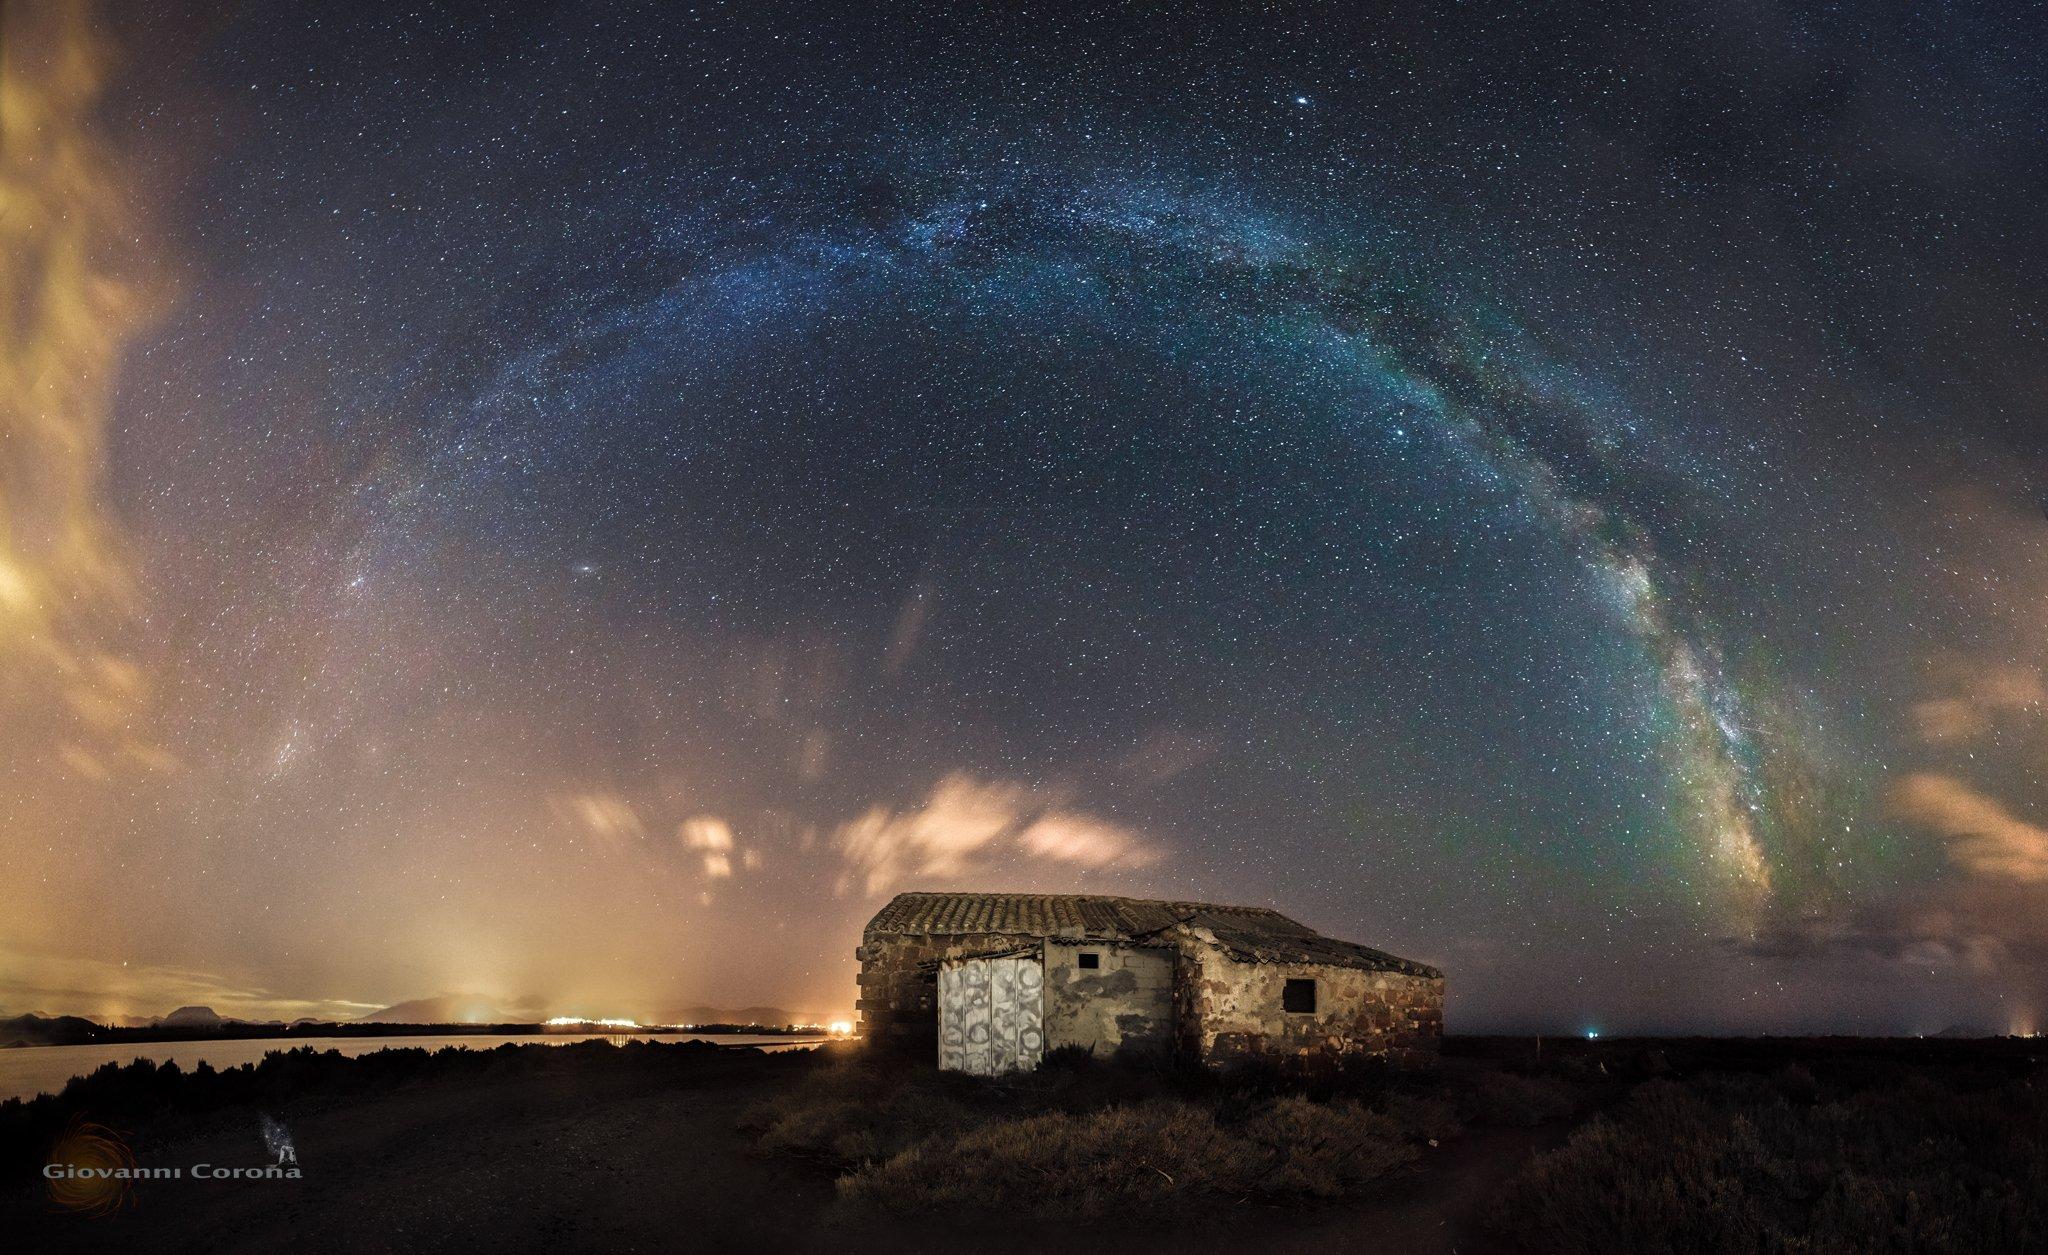 night, urbex, ruins, house, stars, arch, milky way, Giovanni Corona